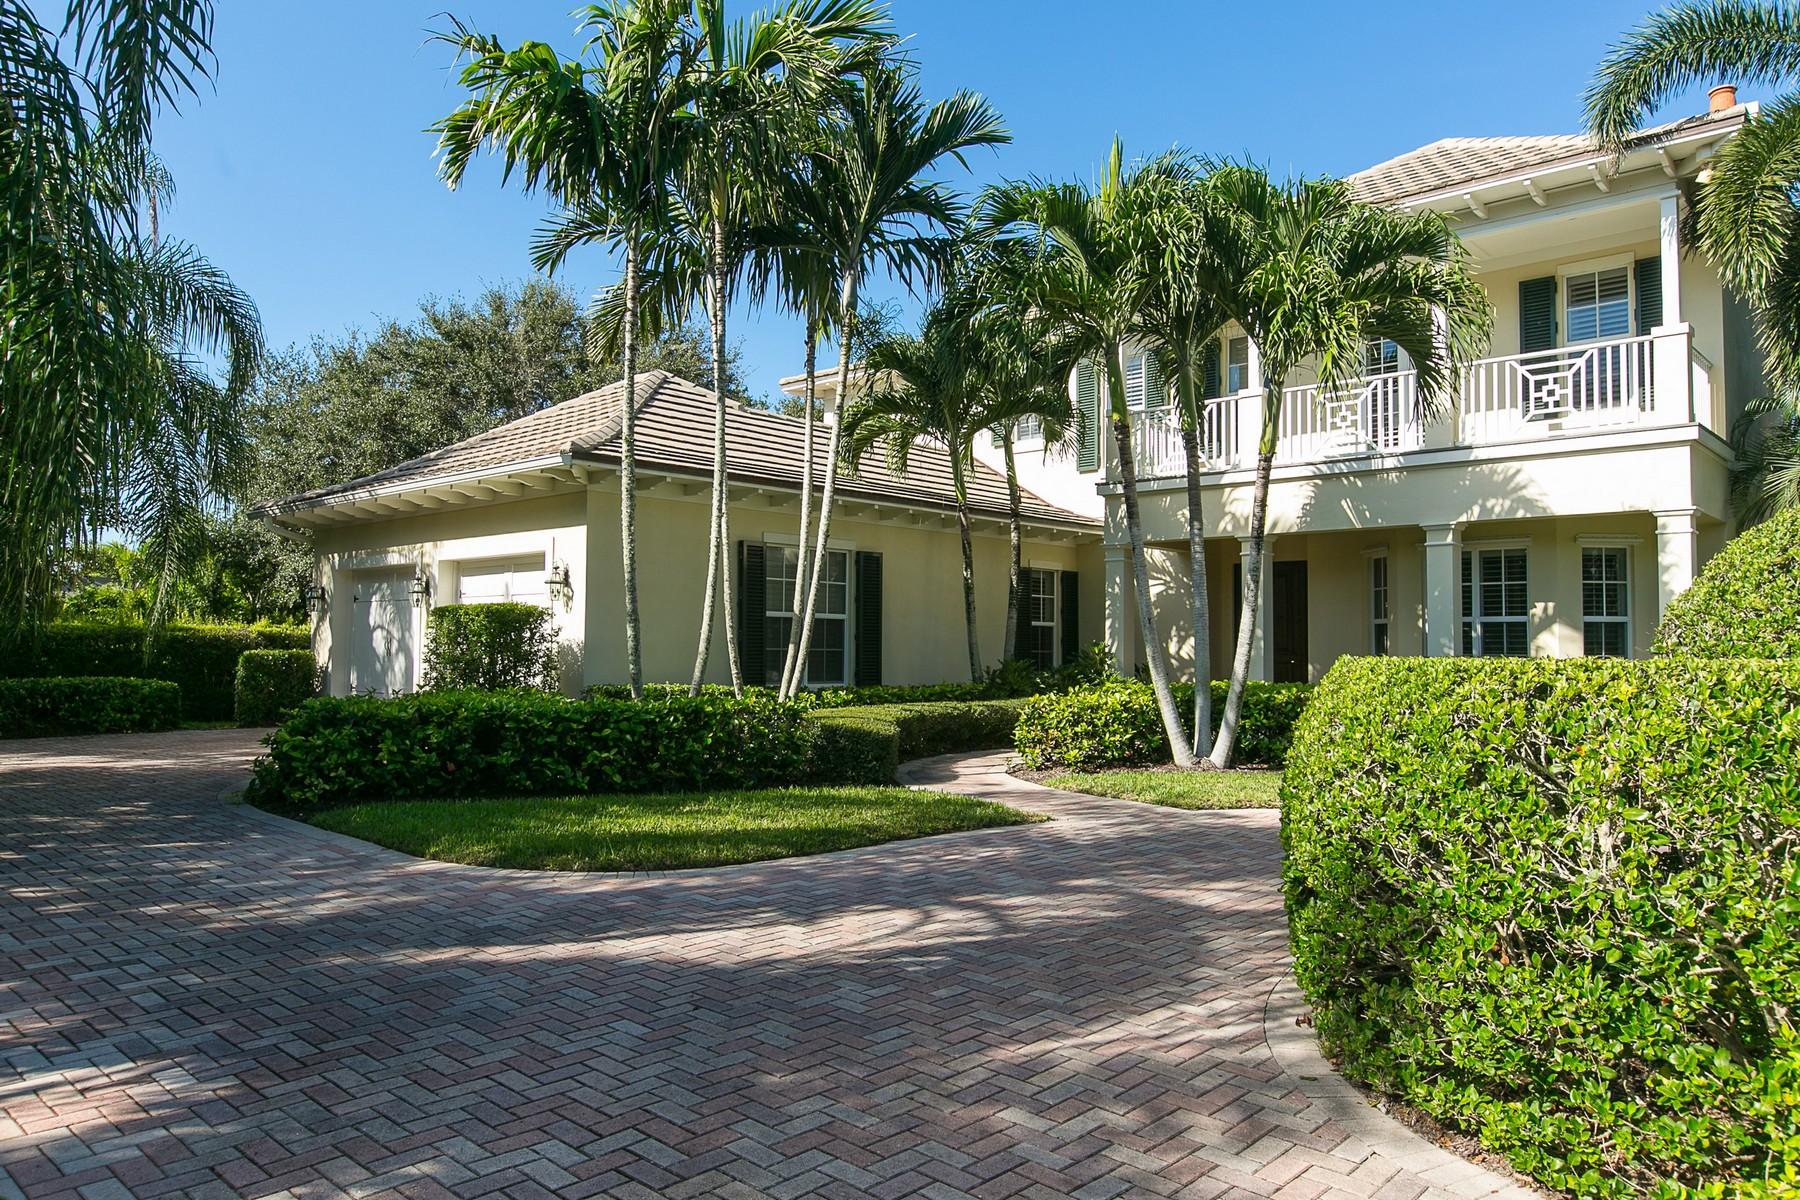 Casa para uma família para Venda às Luxurious home in Palm Isle Plantation 212 Coconut Creek Court Indian River Shores, Florida, 32963 Estados Unidos